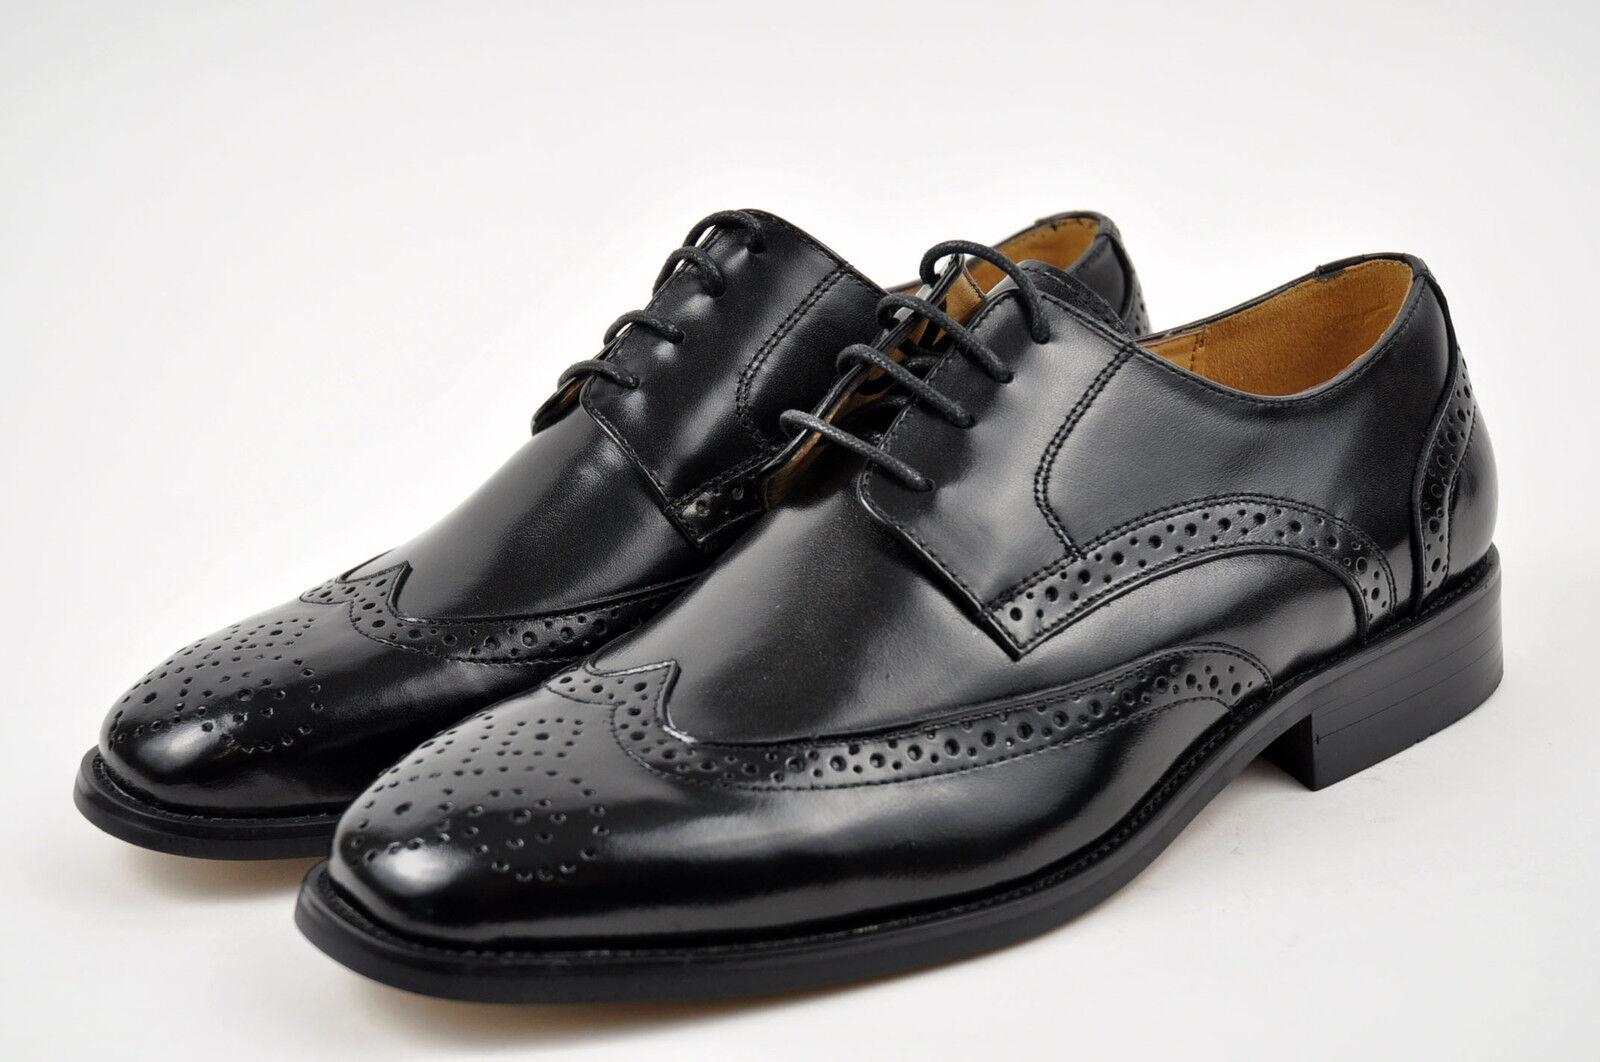 la milano mens black genuine leather dress shoes lace up wingtip